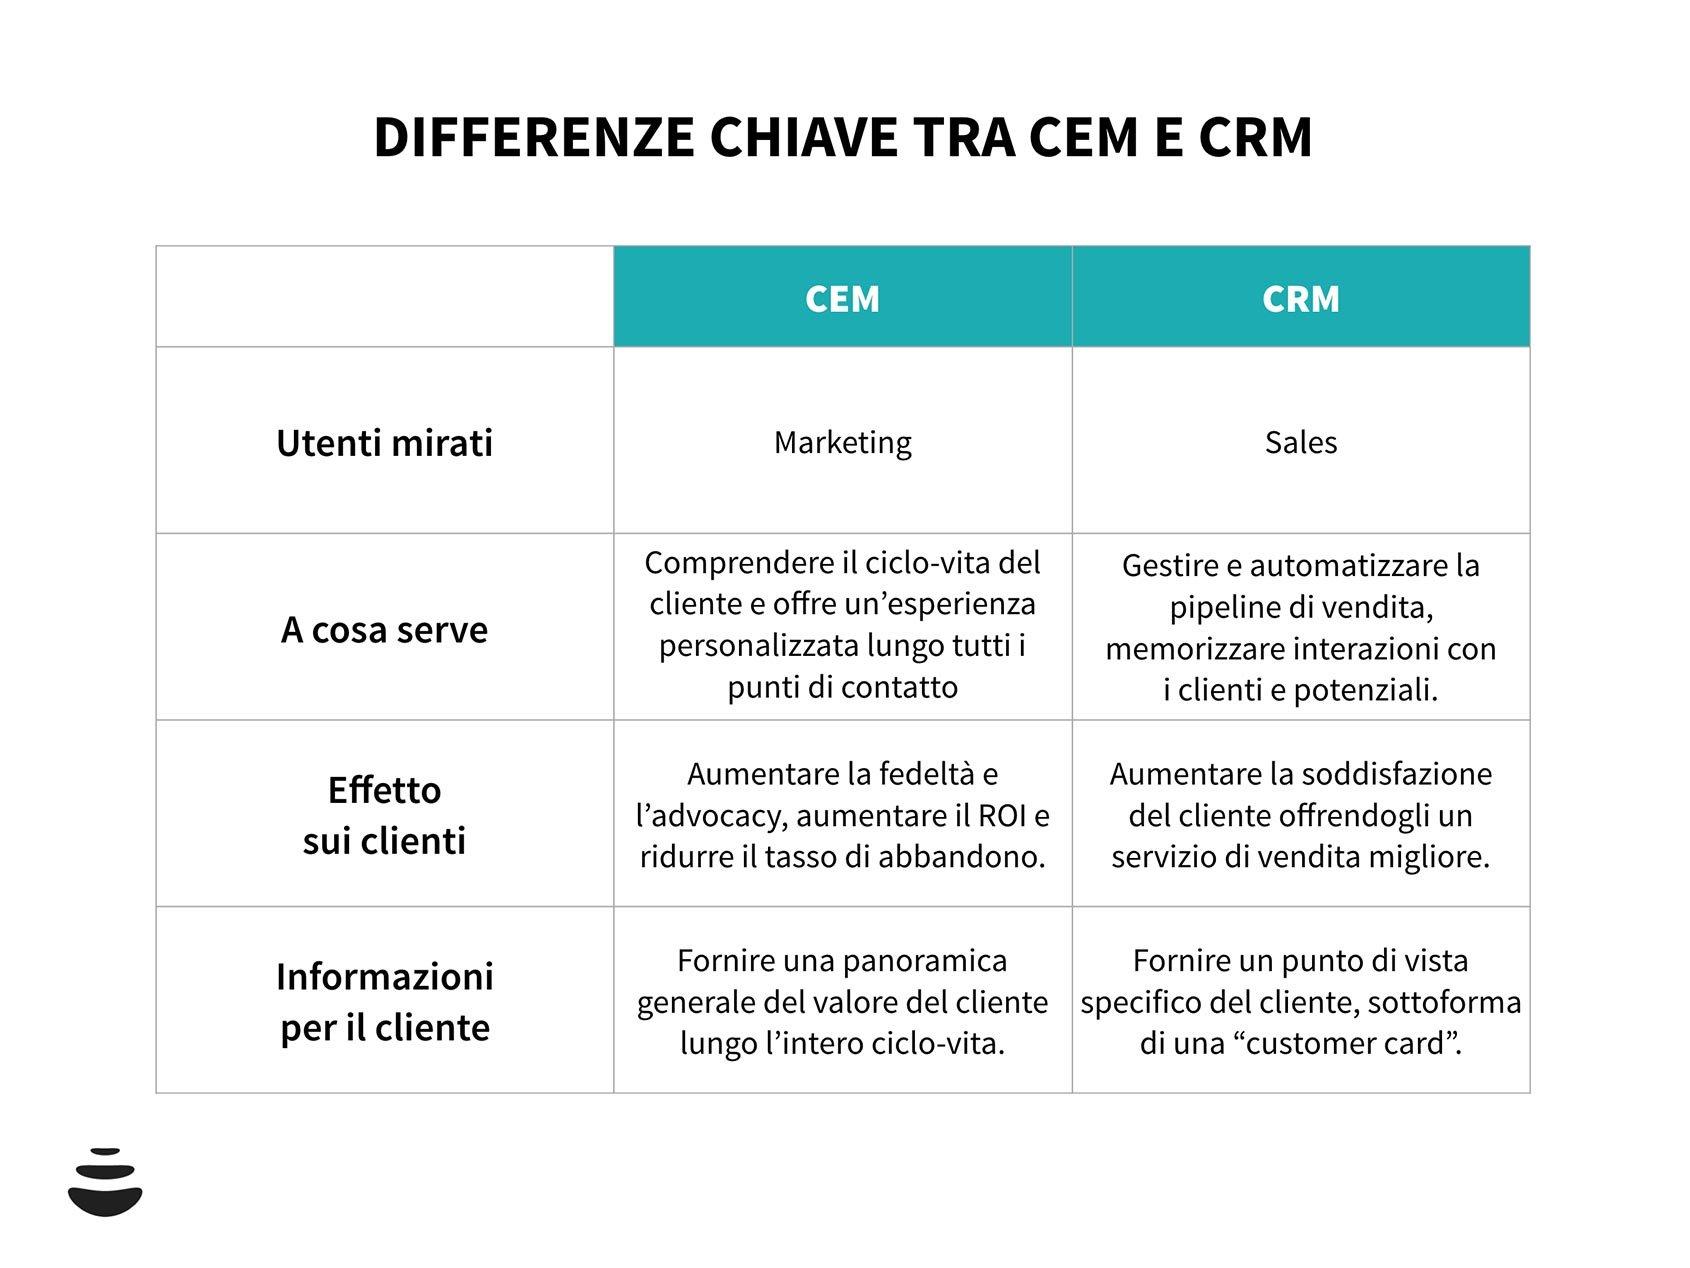 CEM e CRM differenze